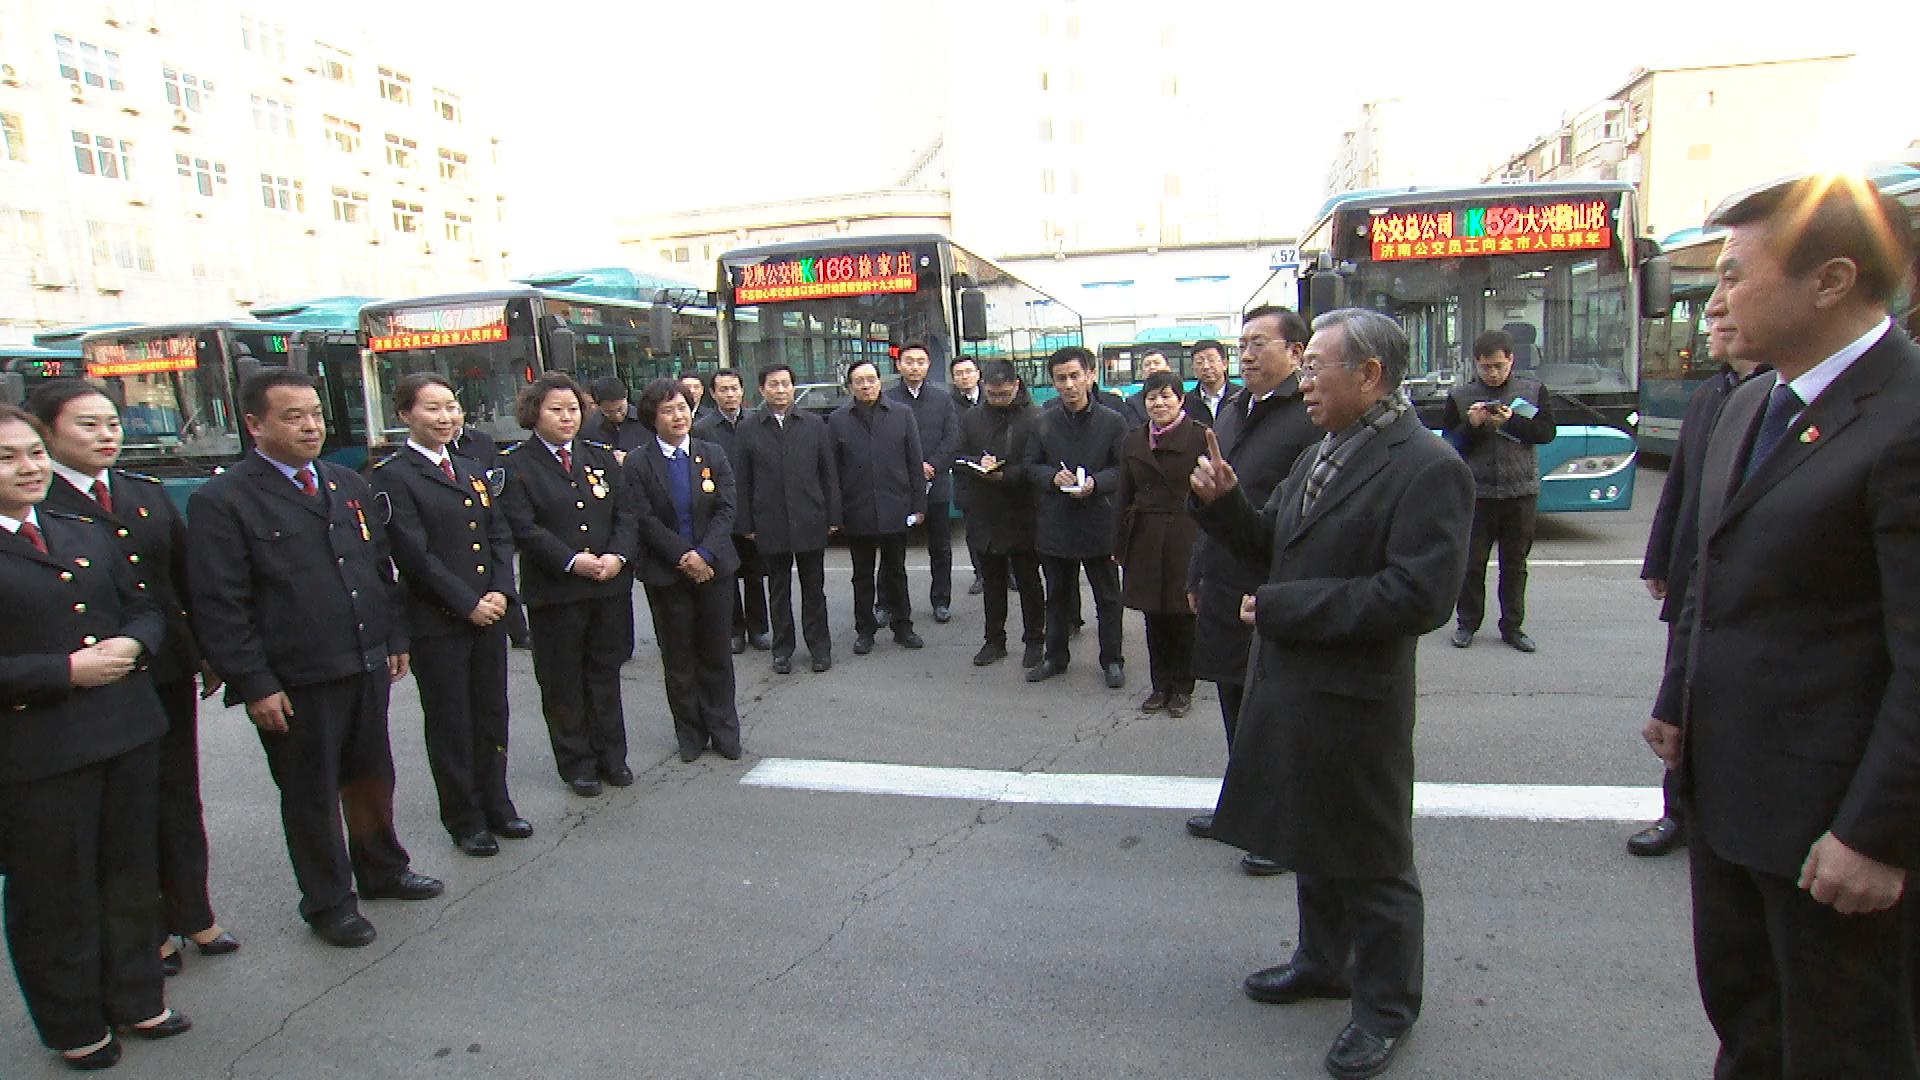 省委书记刘家义看望慰问一线消防队员和一线驾驶员